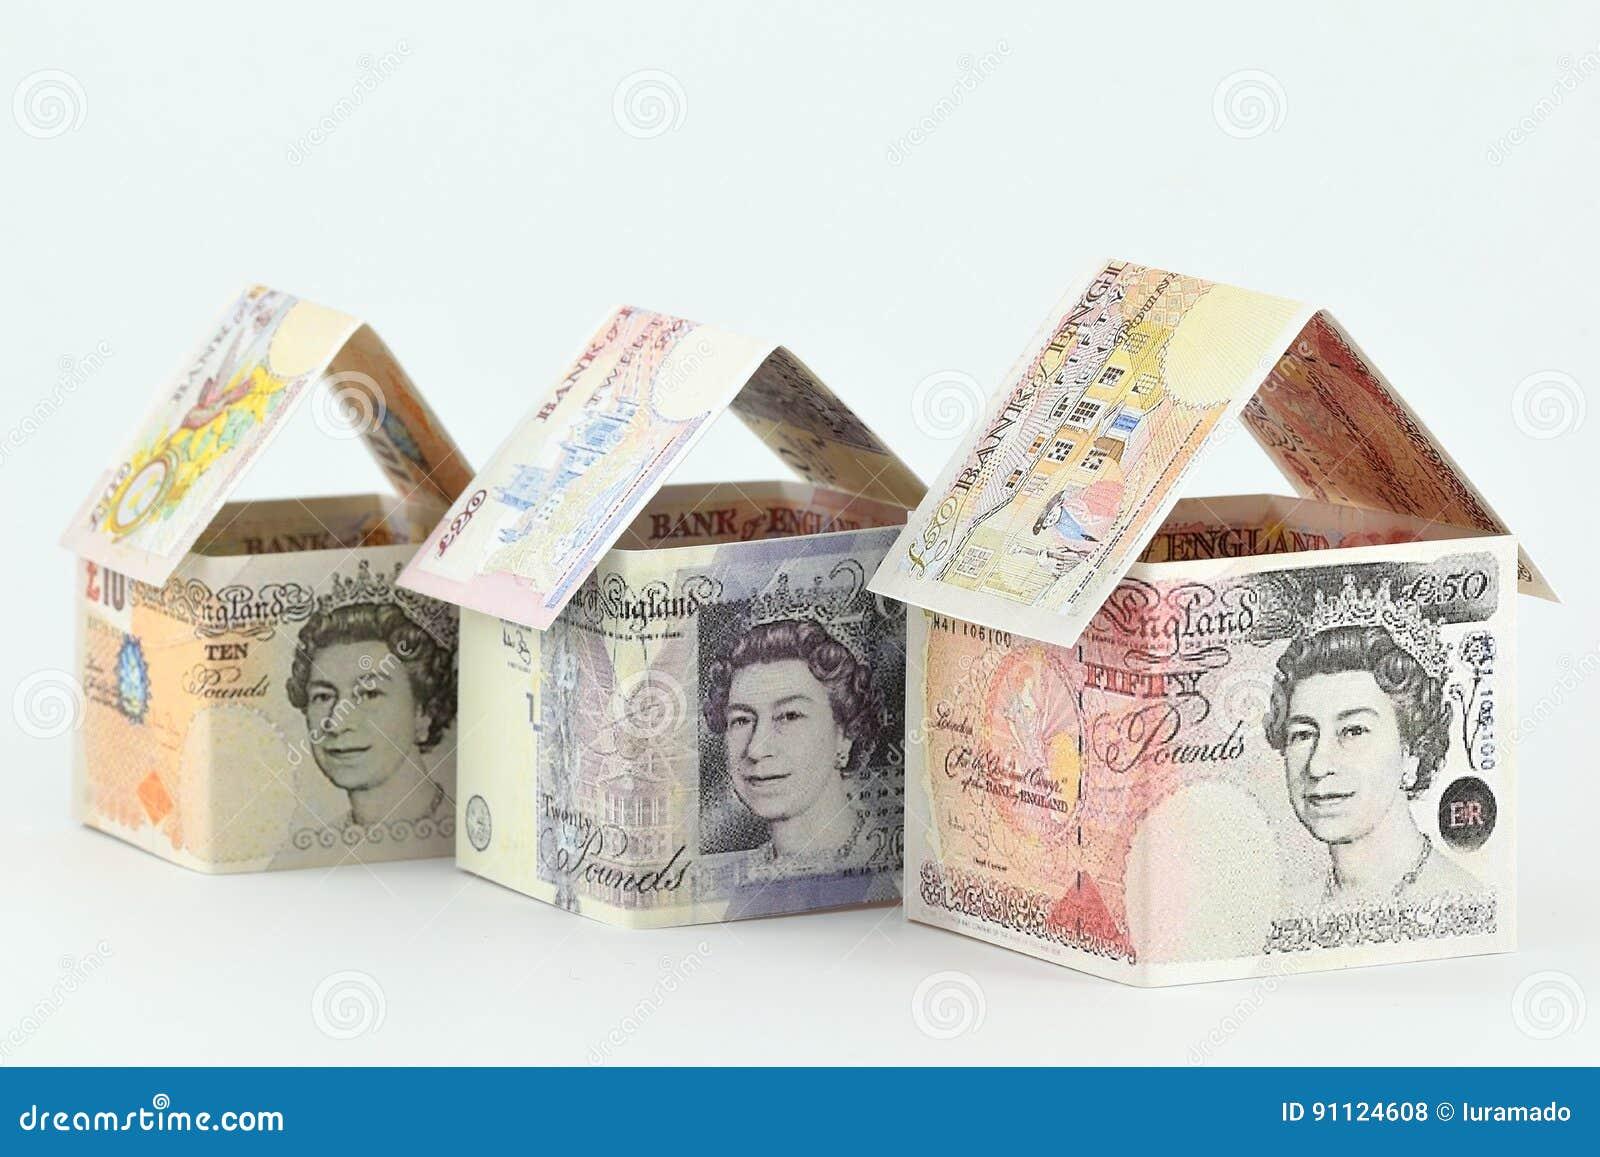 Mercado imobiliário no Reino Unido, um futuro próspero